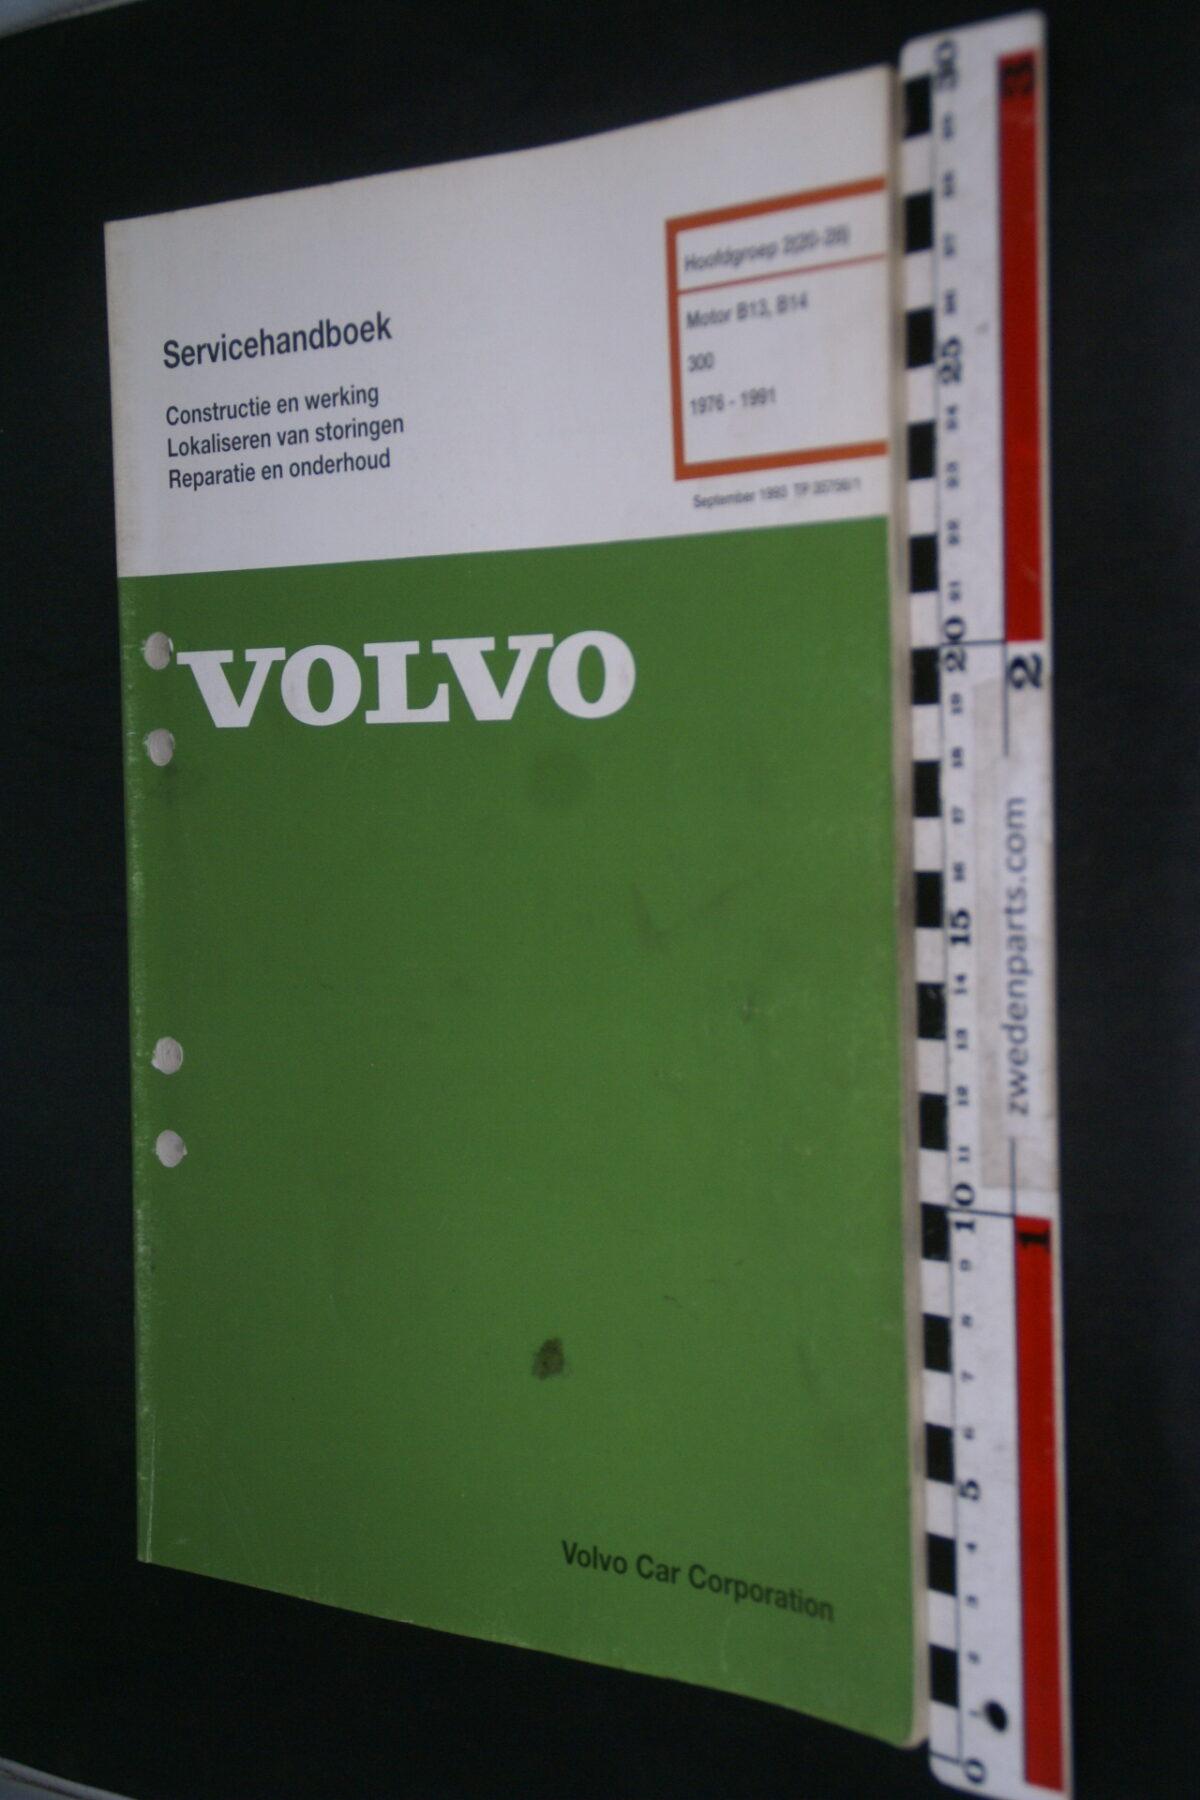 DSC09030 1993 origineel  Volvo 300 servicehandboek motor B14  1 van 1.000 nr TP 35756-1